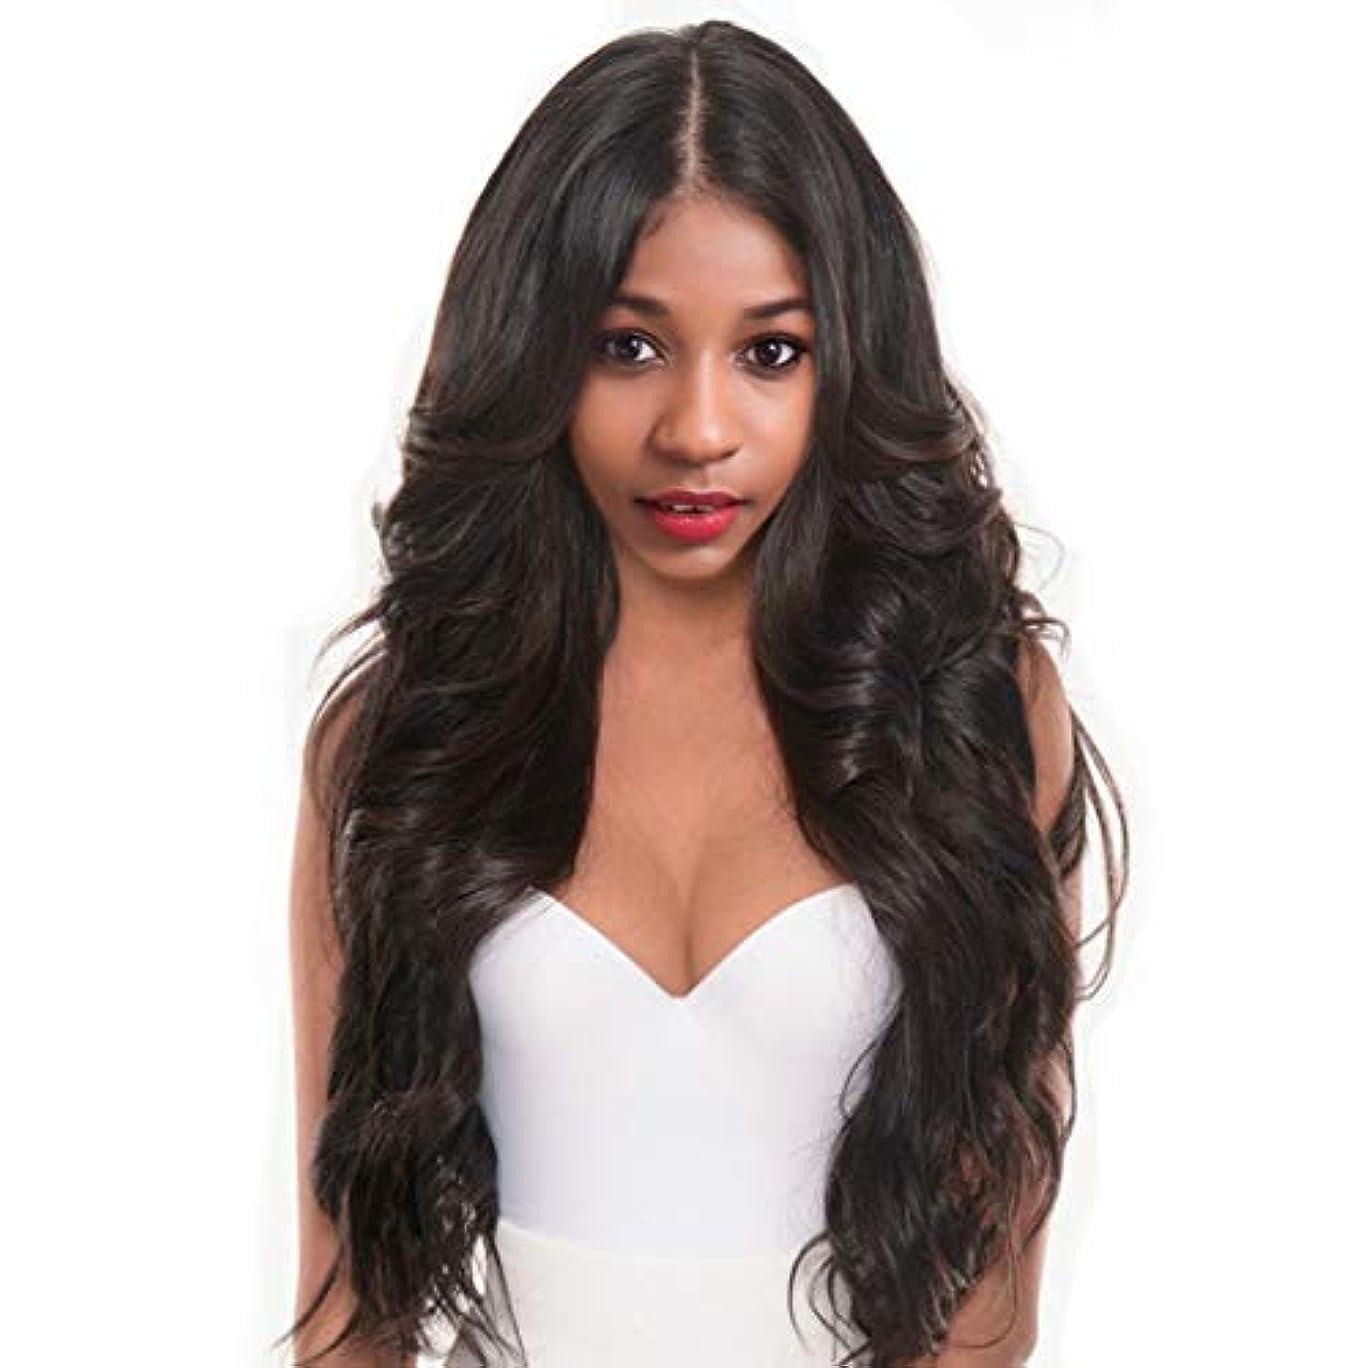 主豚頑固なKerwinner ヘアウィッグボディ波状巻き毛100%カネカロン毛繊維合成毛髪かつら女性